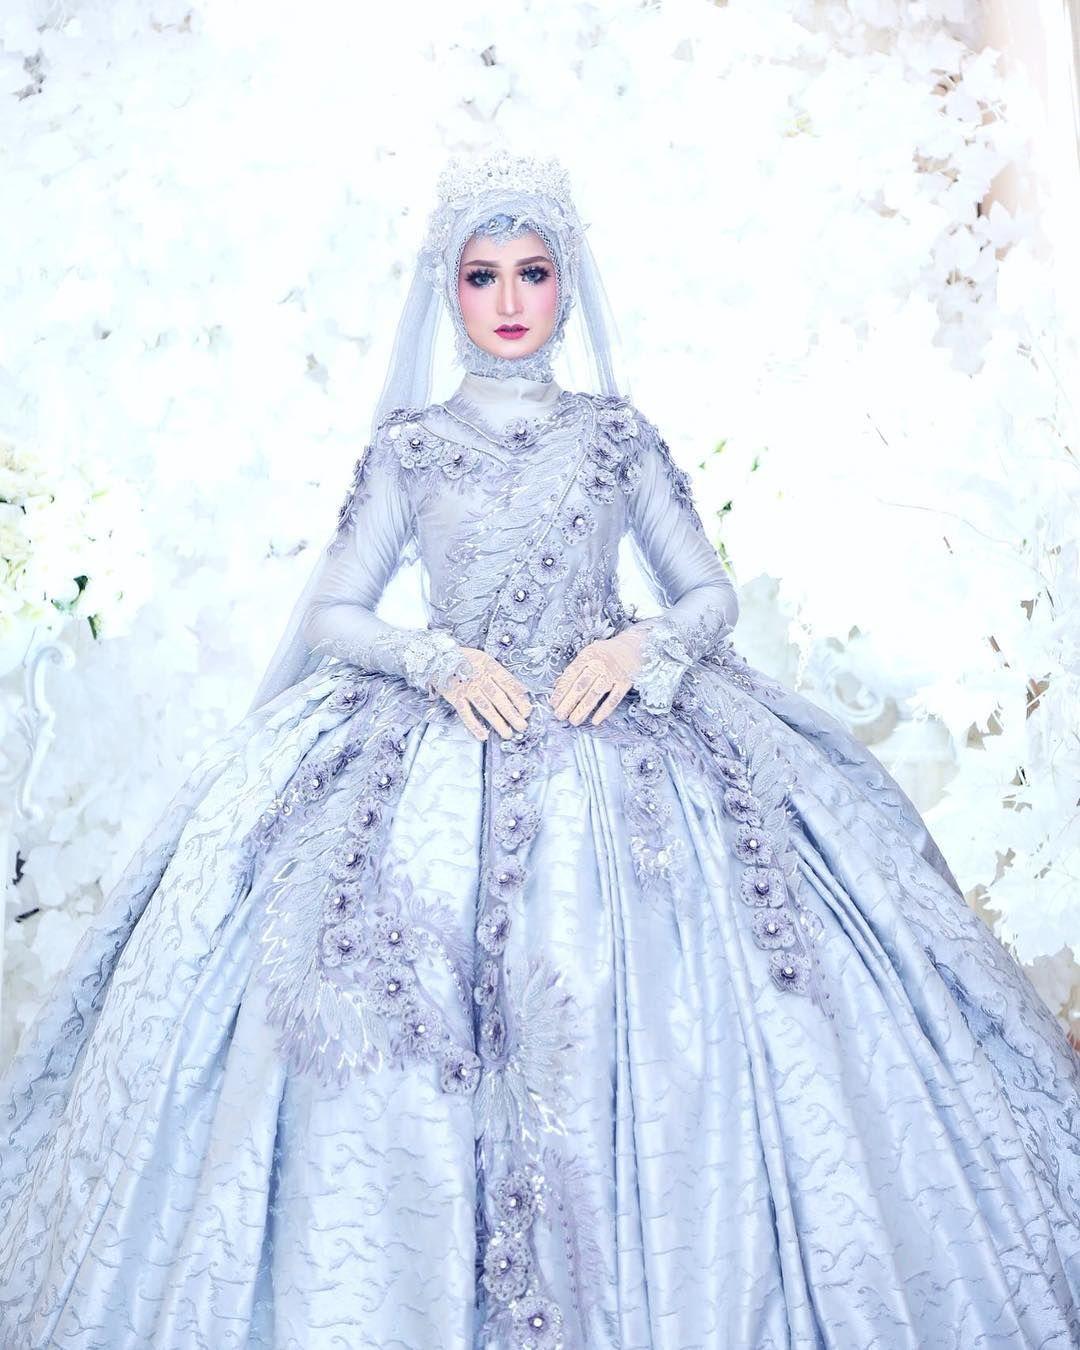 Gambar mungkin berisi: 9 orang  Gaun pengantin sederhana, Gaya